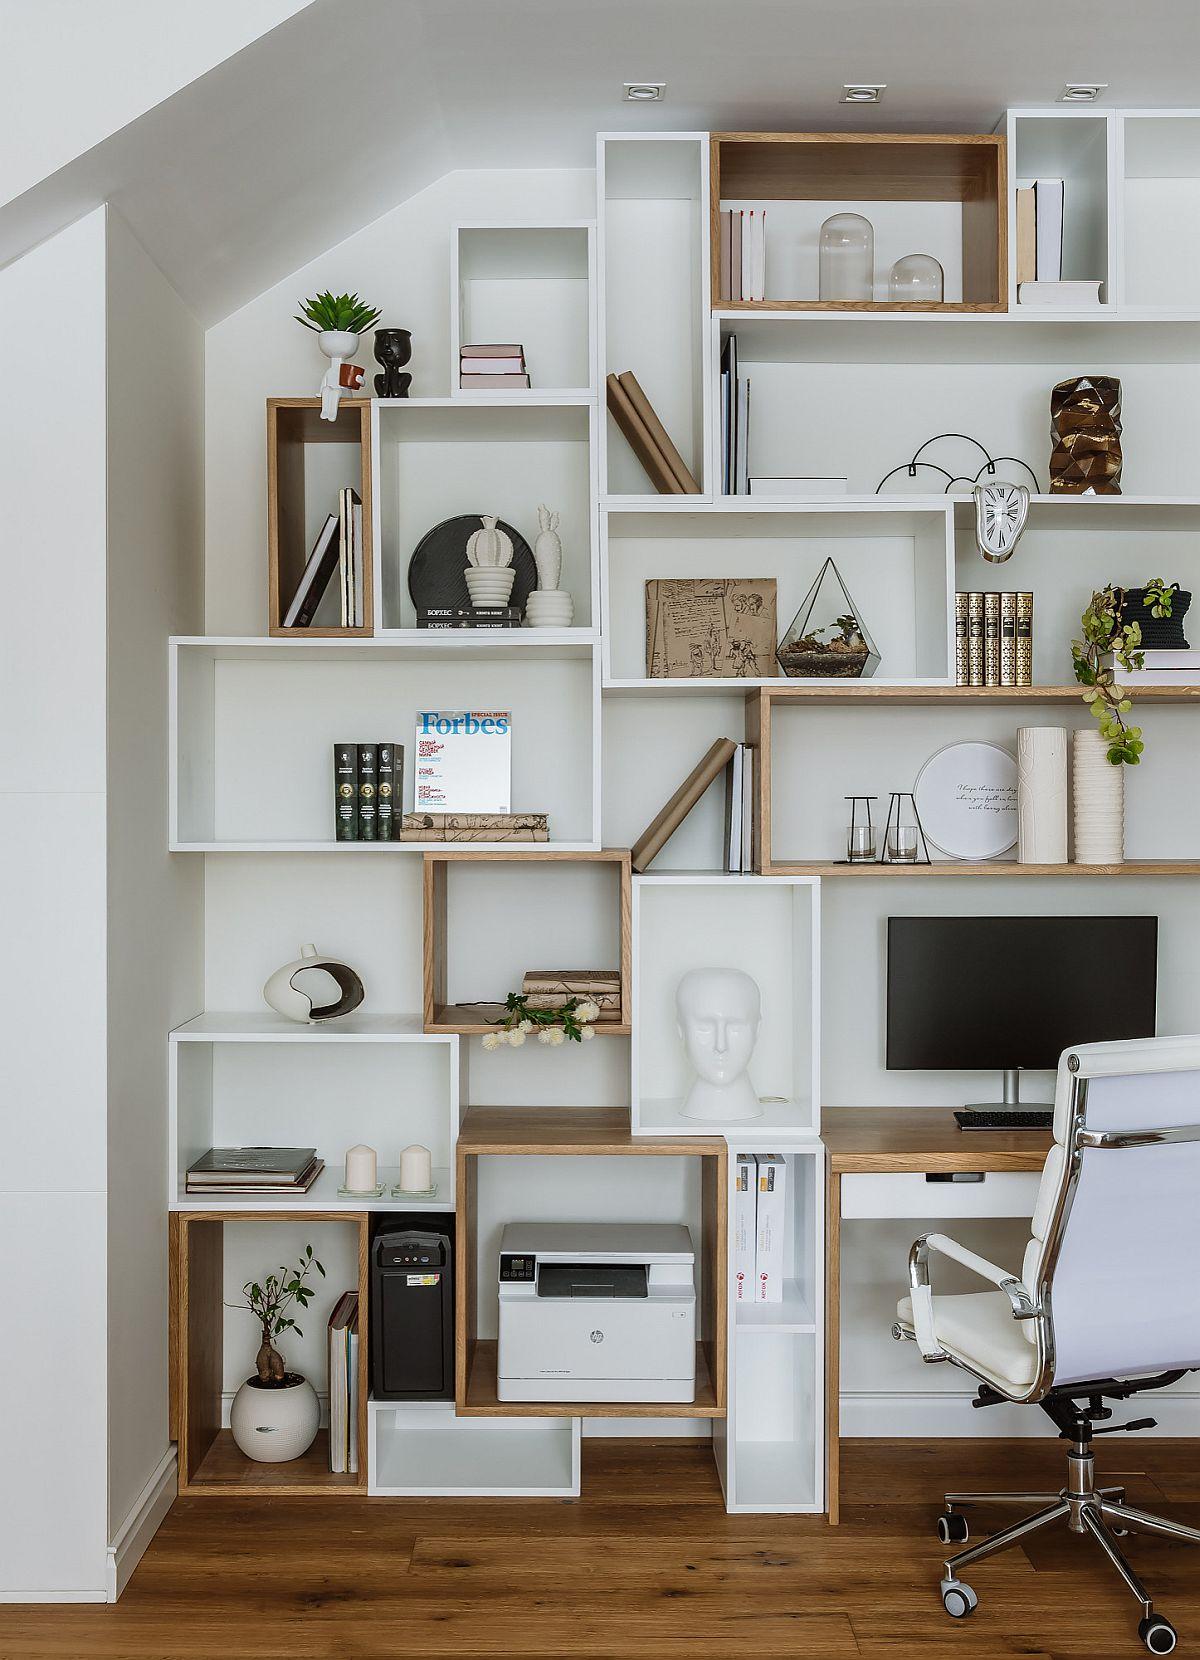 Hình ảnh cận cảnh hệ tủ kệ mở gắn tường tích hợp văn phòng tại gia nhỏ gọn